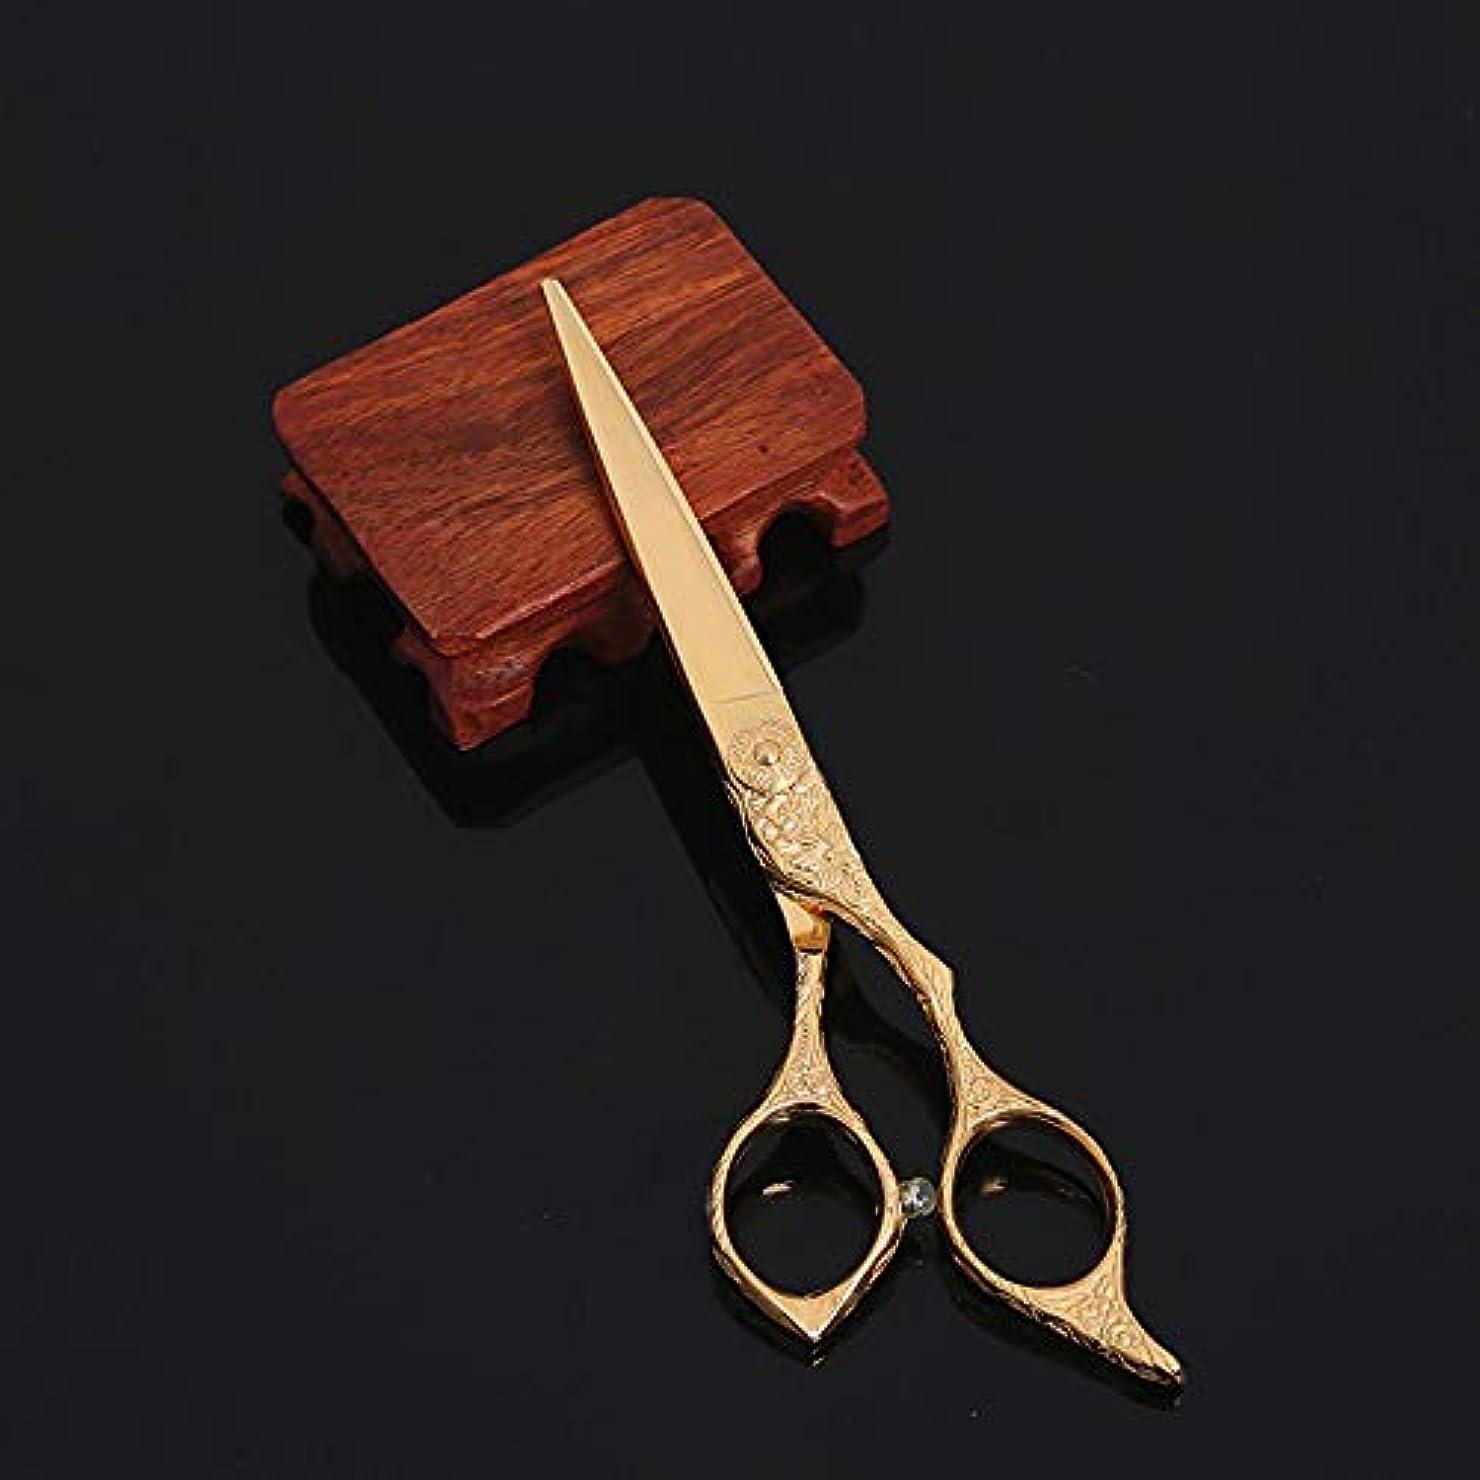 無傷プラス煙6インチプロフェッショナル美容院はさみ、ゴールド塗装ハイエンド理髪はさみ モデリングツール (色 : ゴールド)